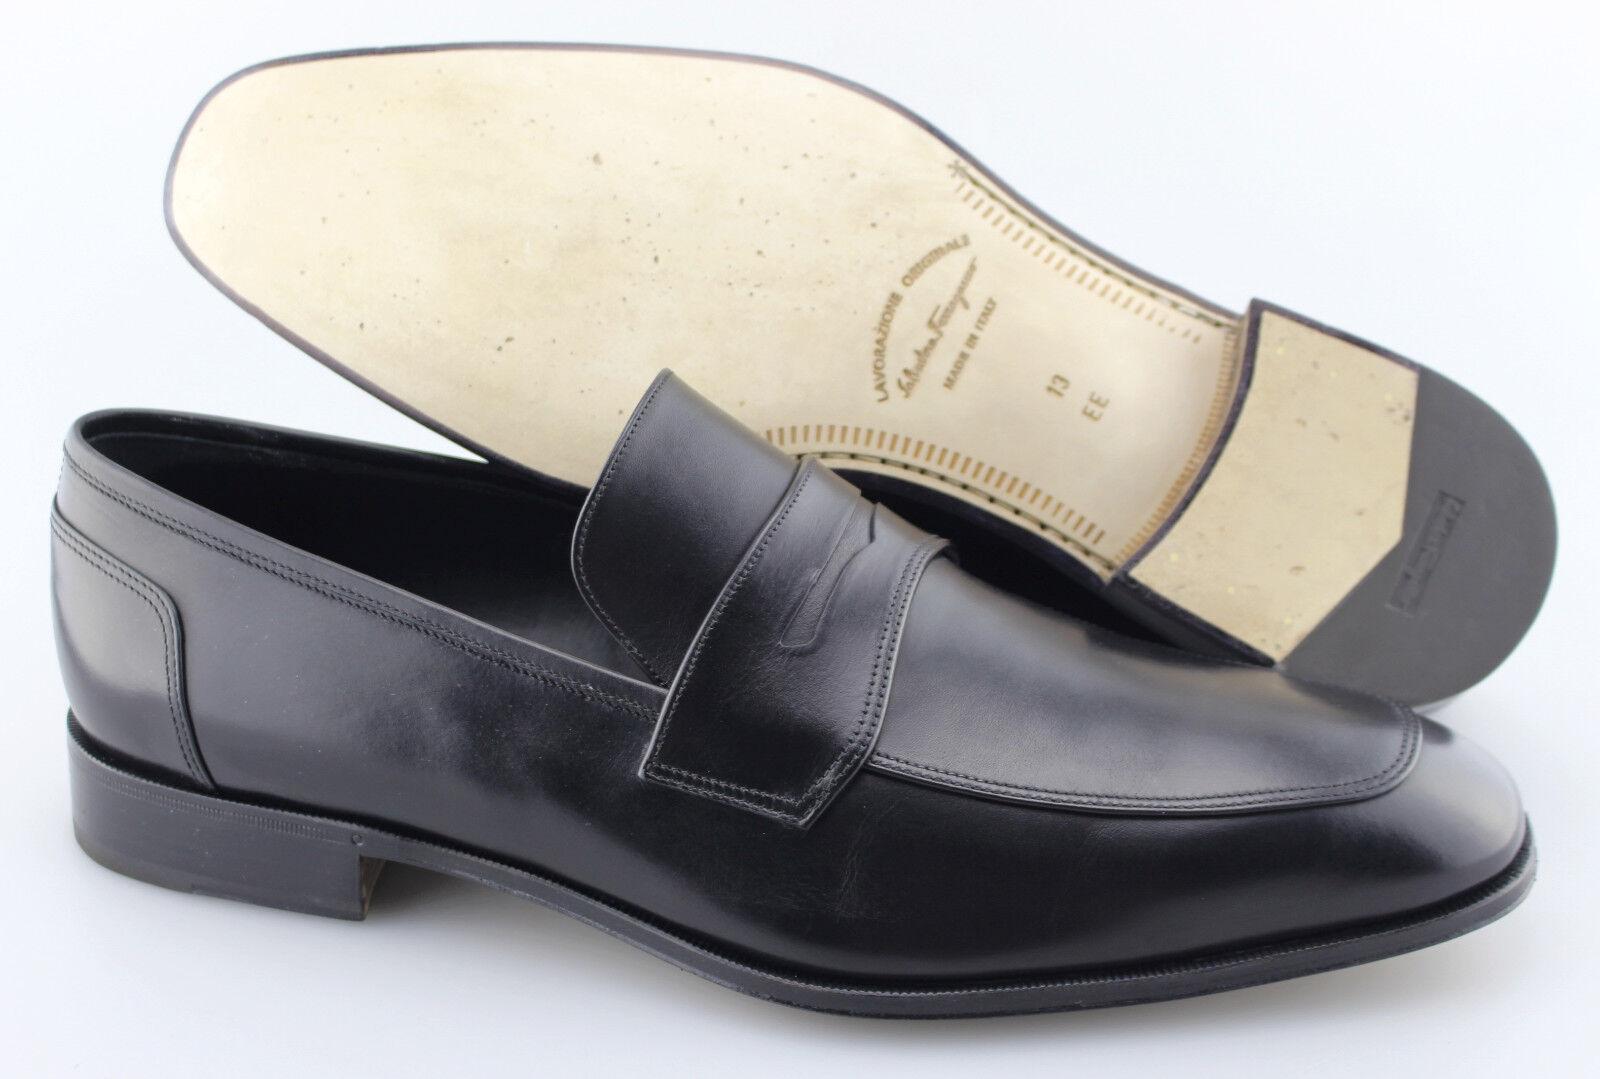 Men's SALVATORE FERRAGAMO'Lionel 'nero Leather Lofers  Dimensione US 13 - 2E  prezzo più economico